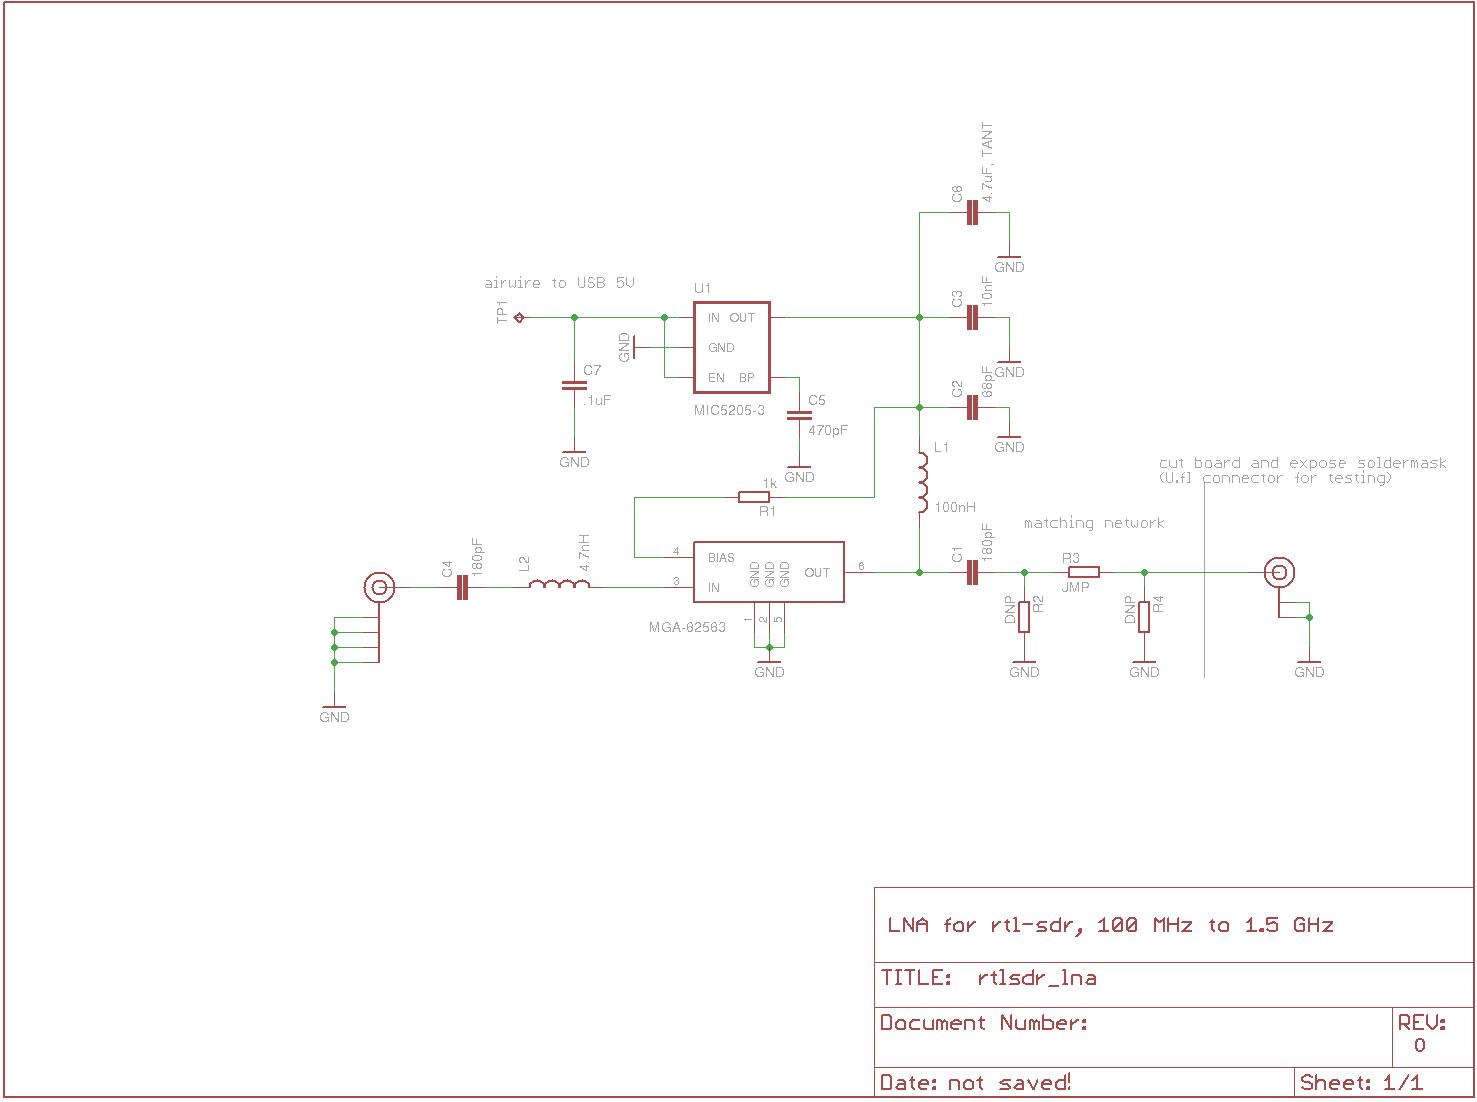 rtlsdrlna schematic